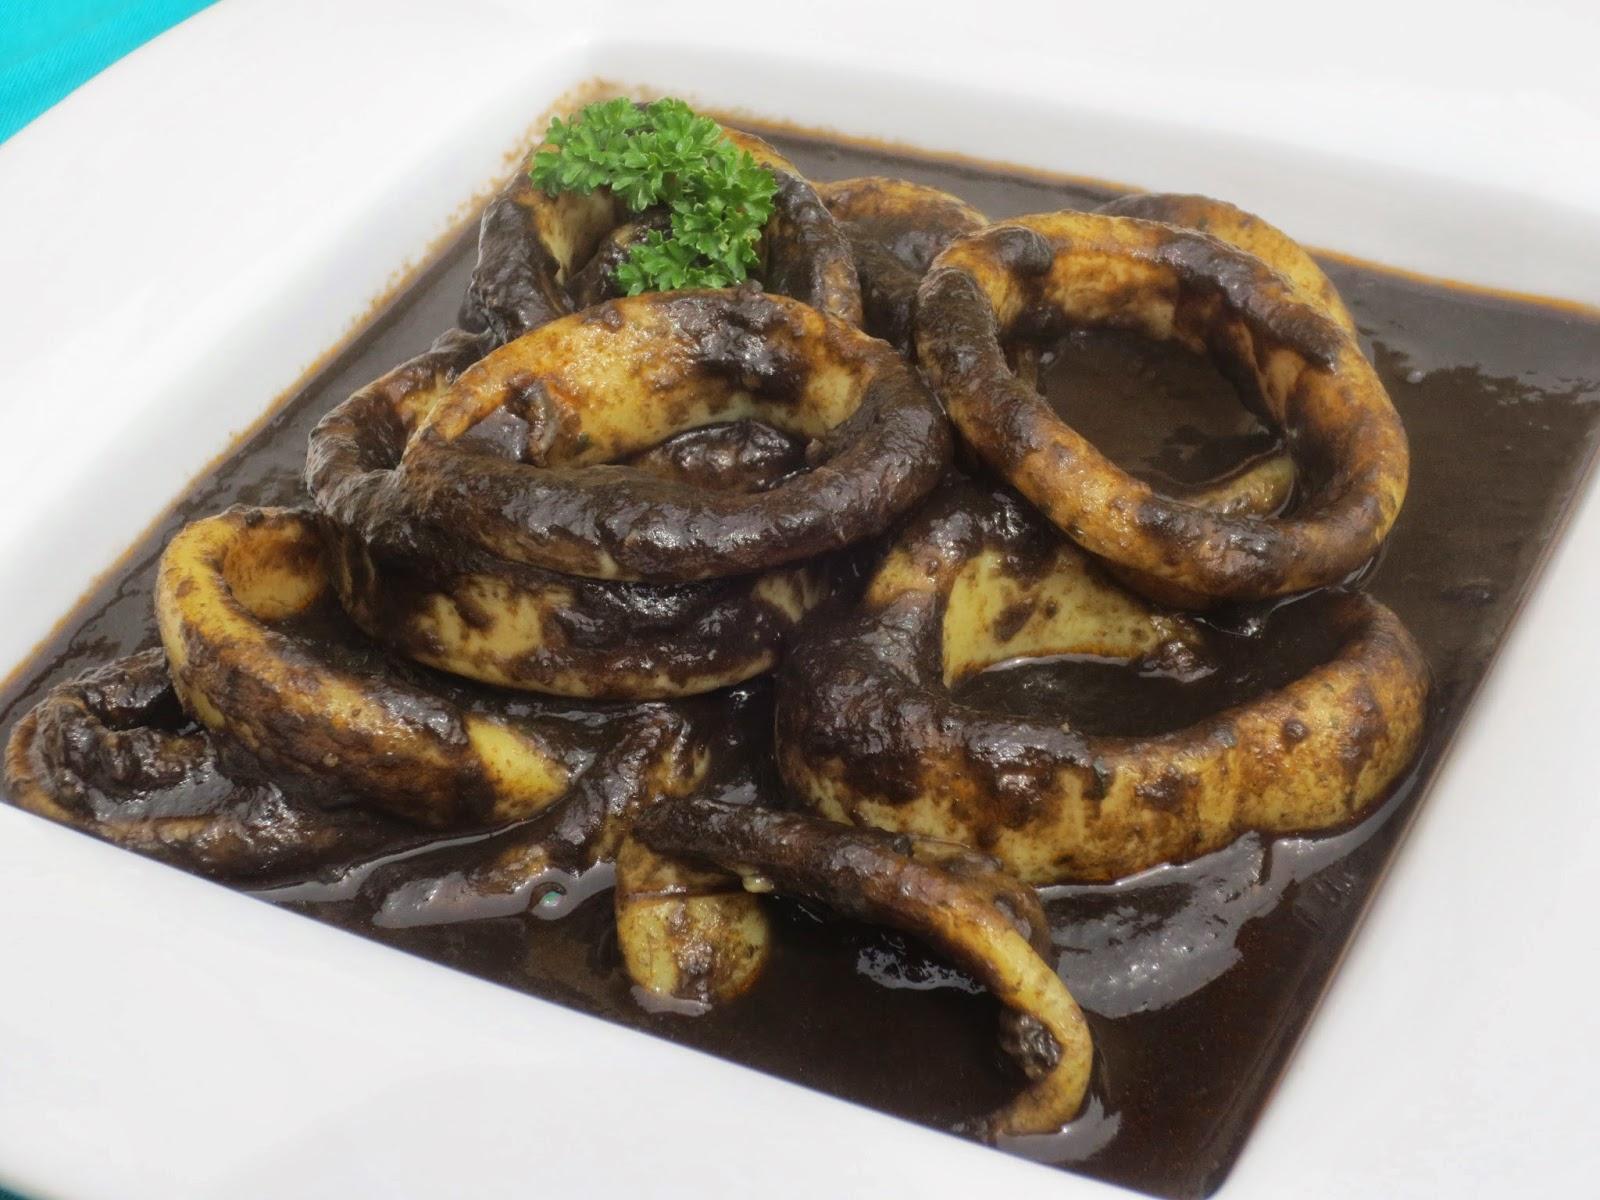 Calamares en su tinta Ana Sevilla Con Thermomix